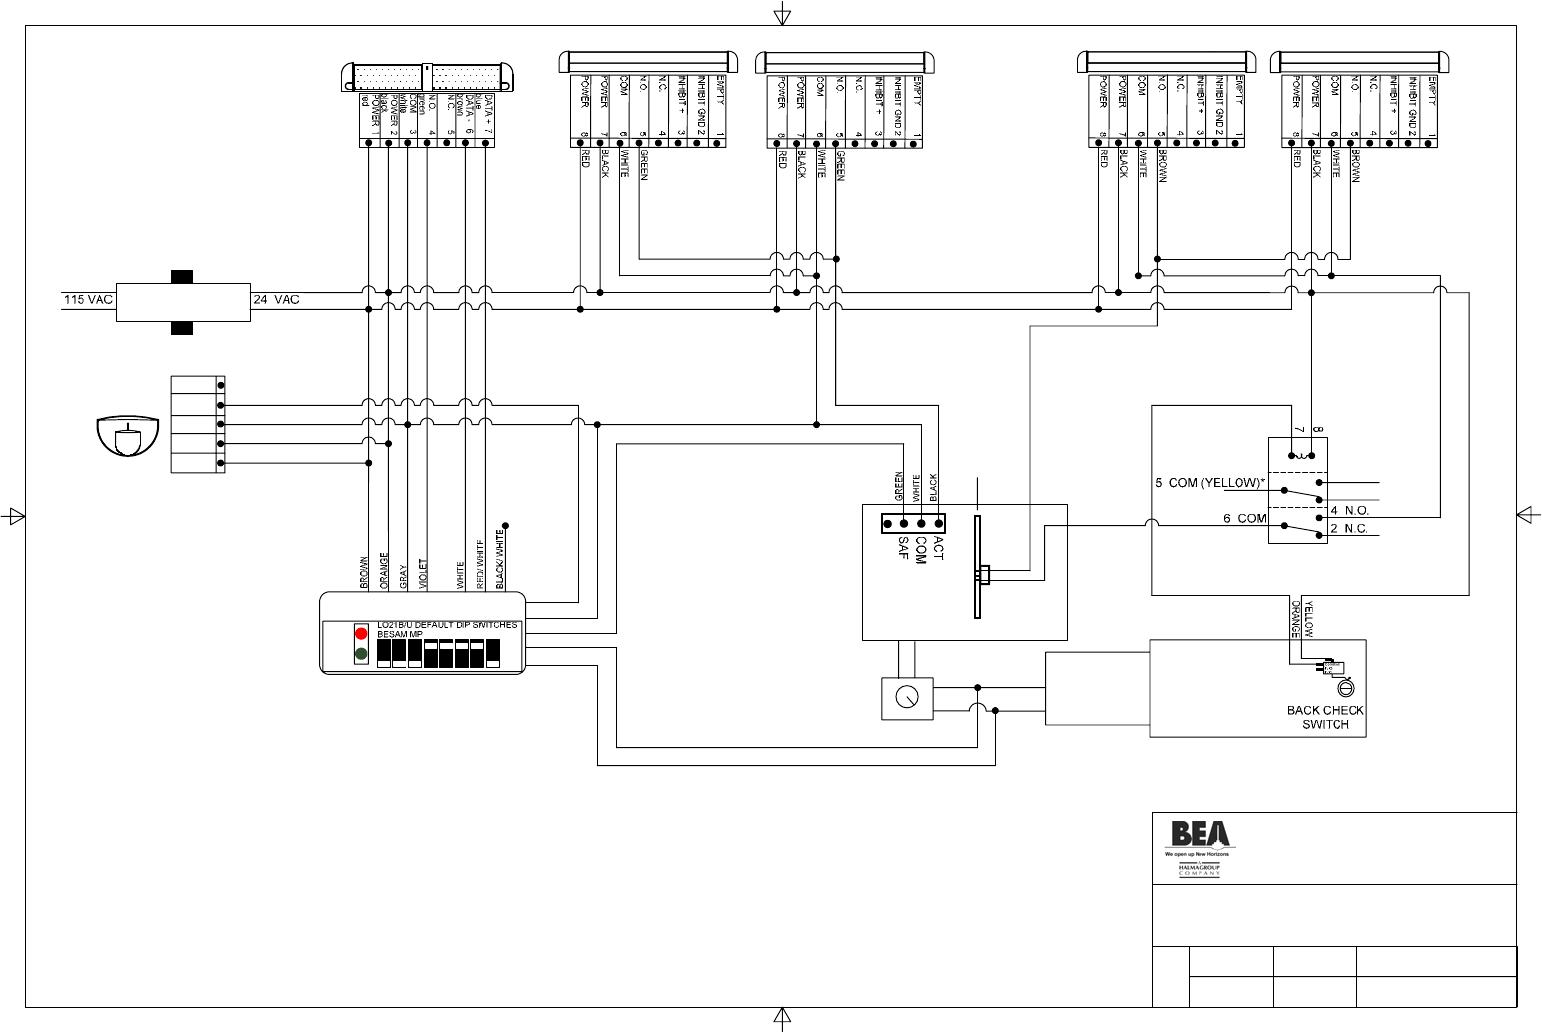 Horton Series Wiring Diagram